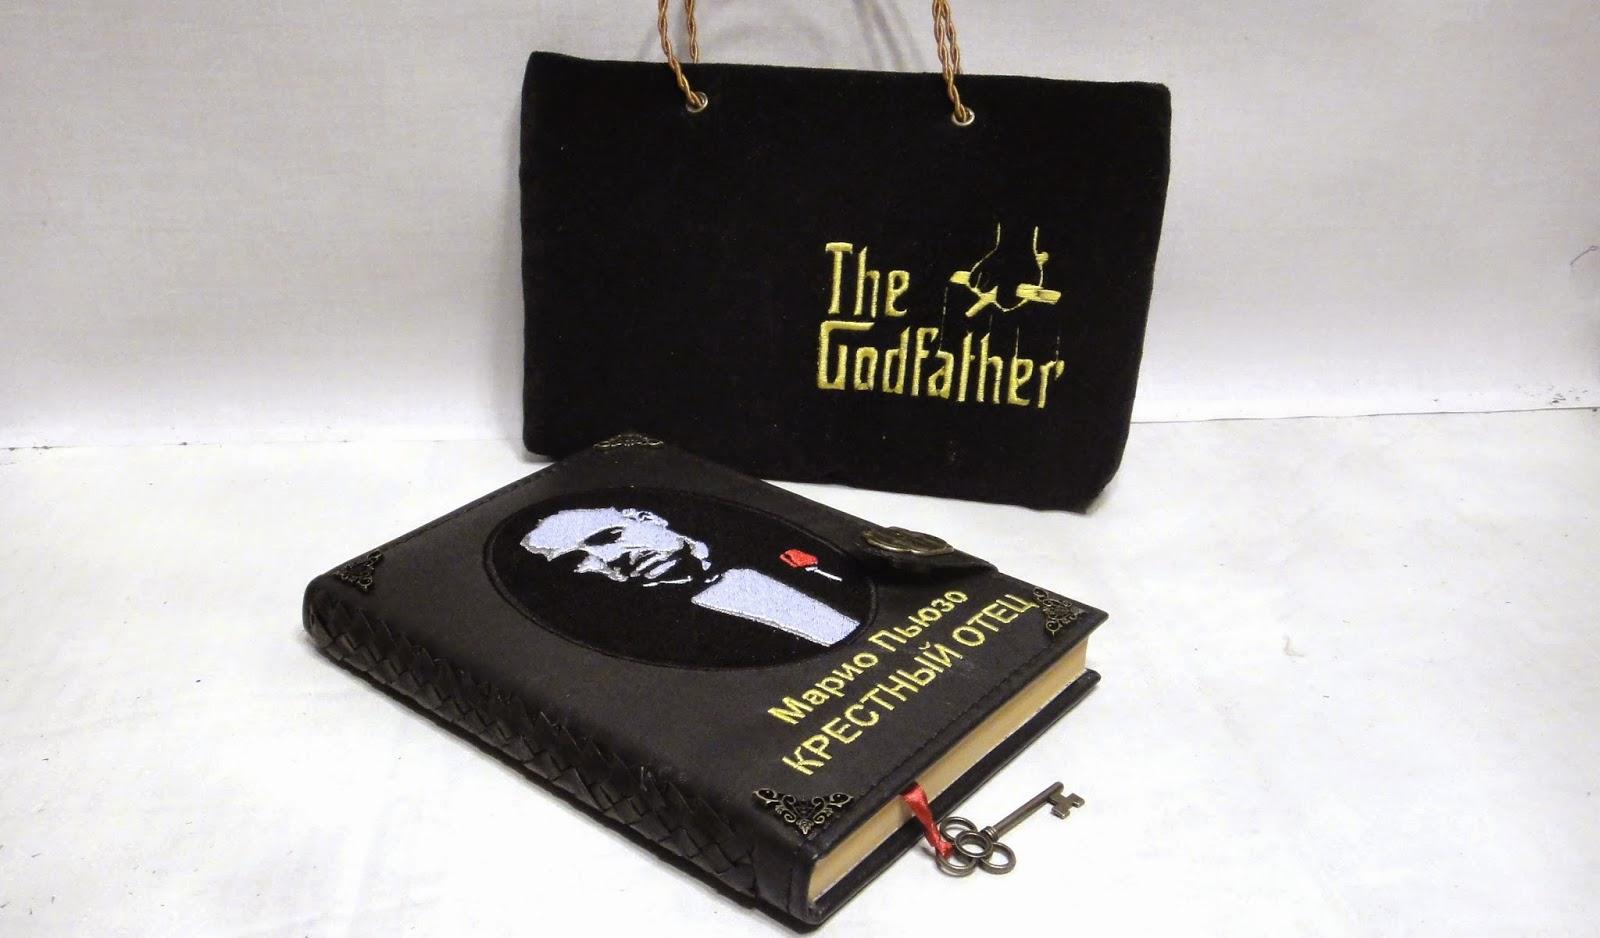 Подарочное издание в подарок мужчине на юбилей: книга Крестный отец и сумочка